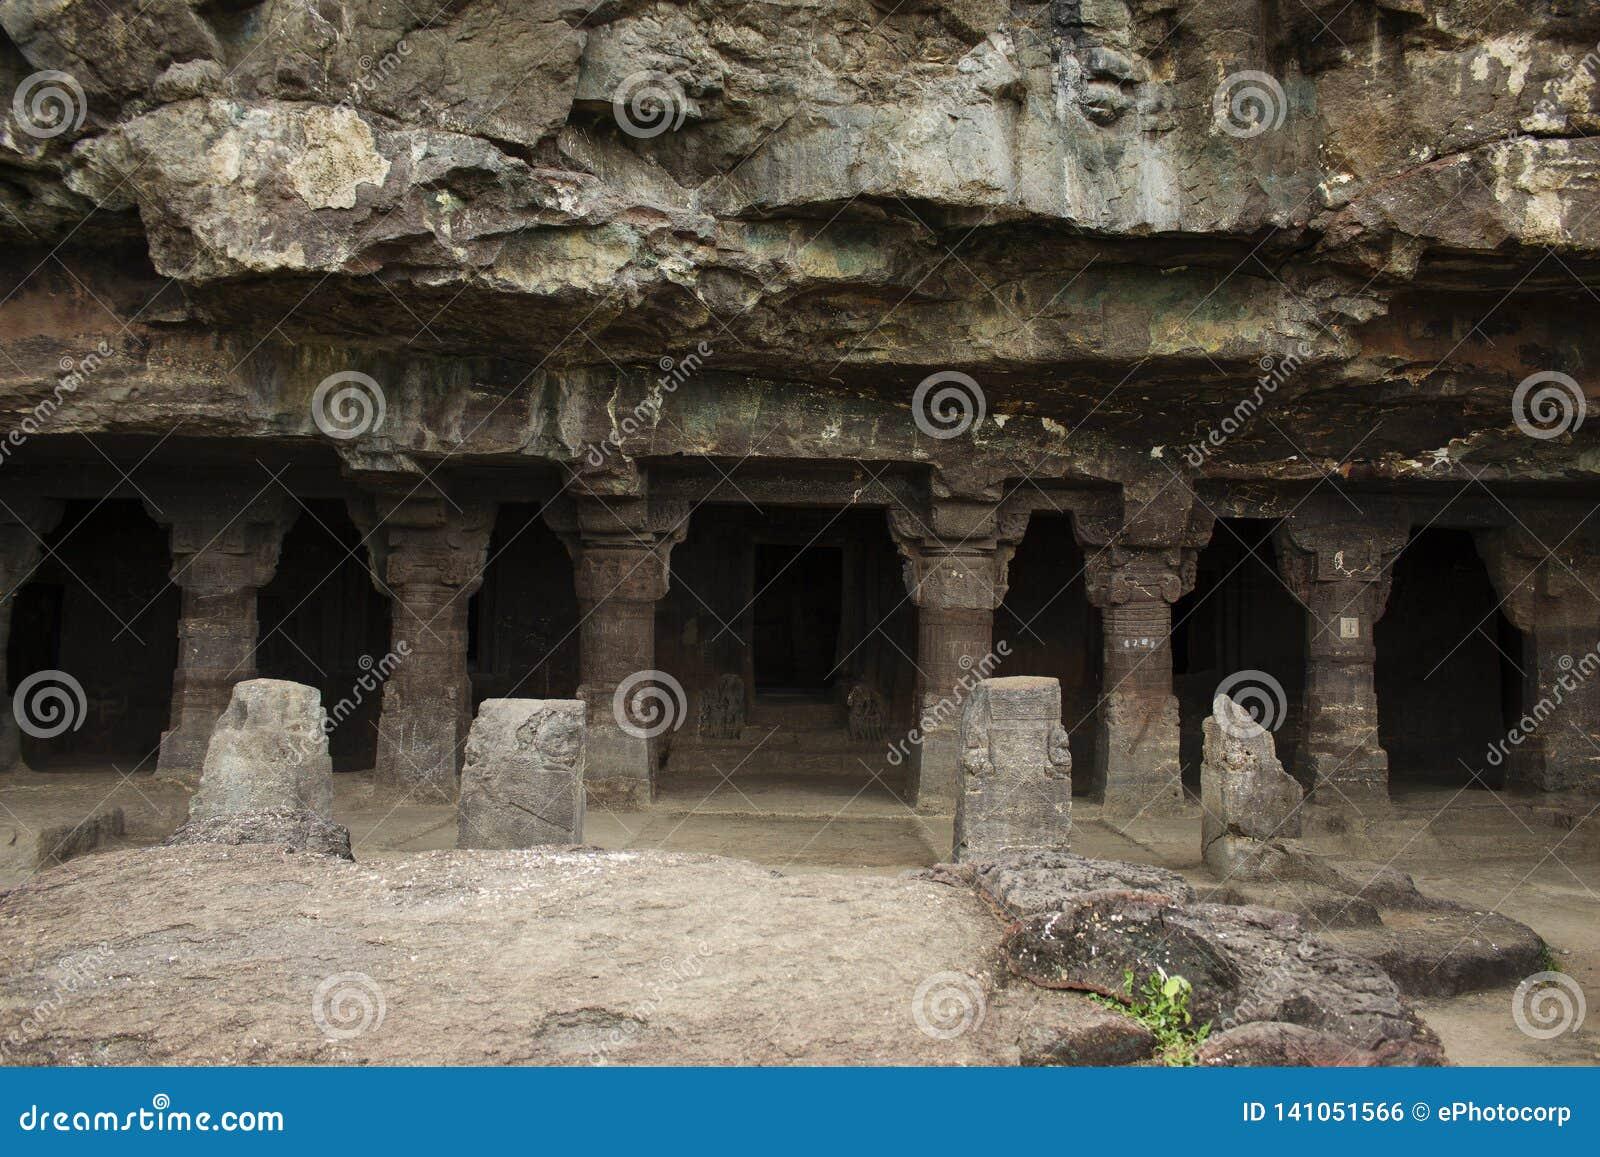 Cave1, Weergeven van de portiek en het gebied in voorzijde, Aurangabad-holen, Westelijke Groep, Aurangabad, Maharashtra, India